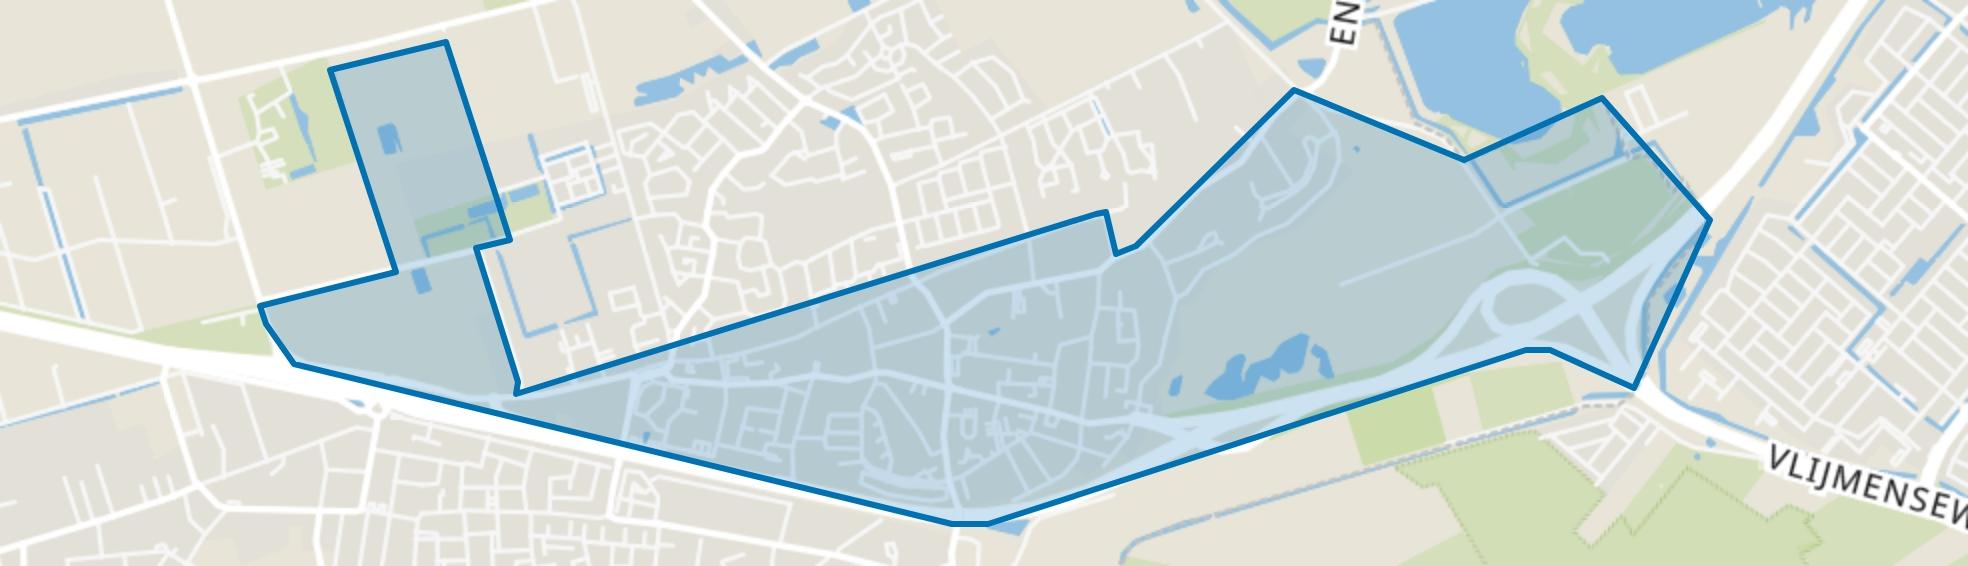 Vlijmen-Dorp, Vlijmen map